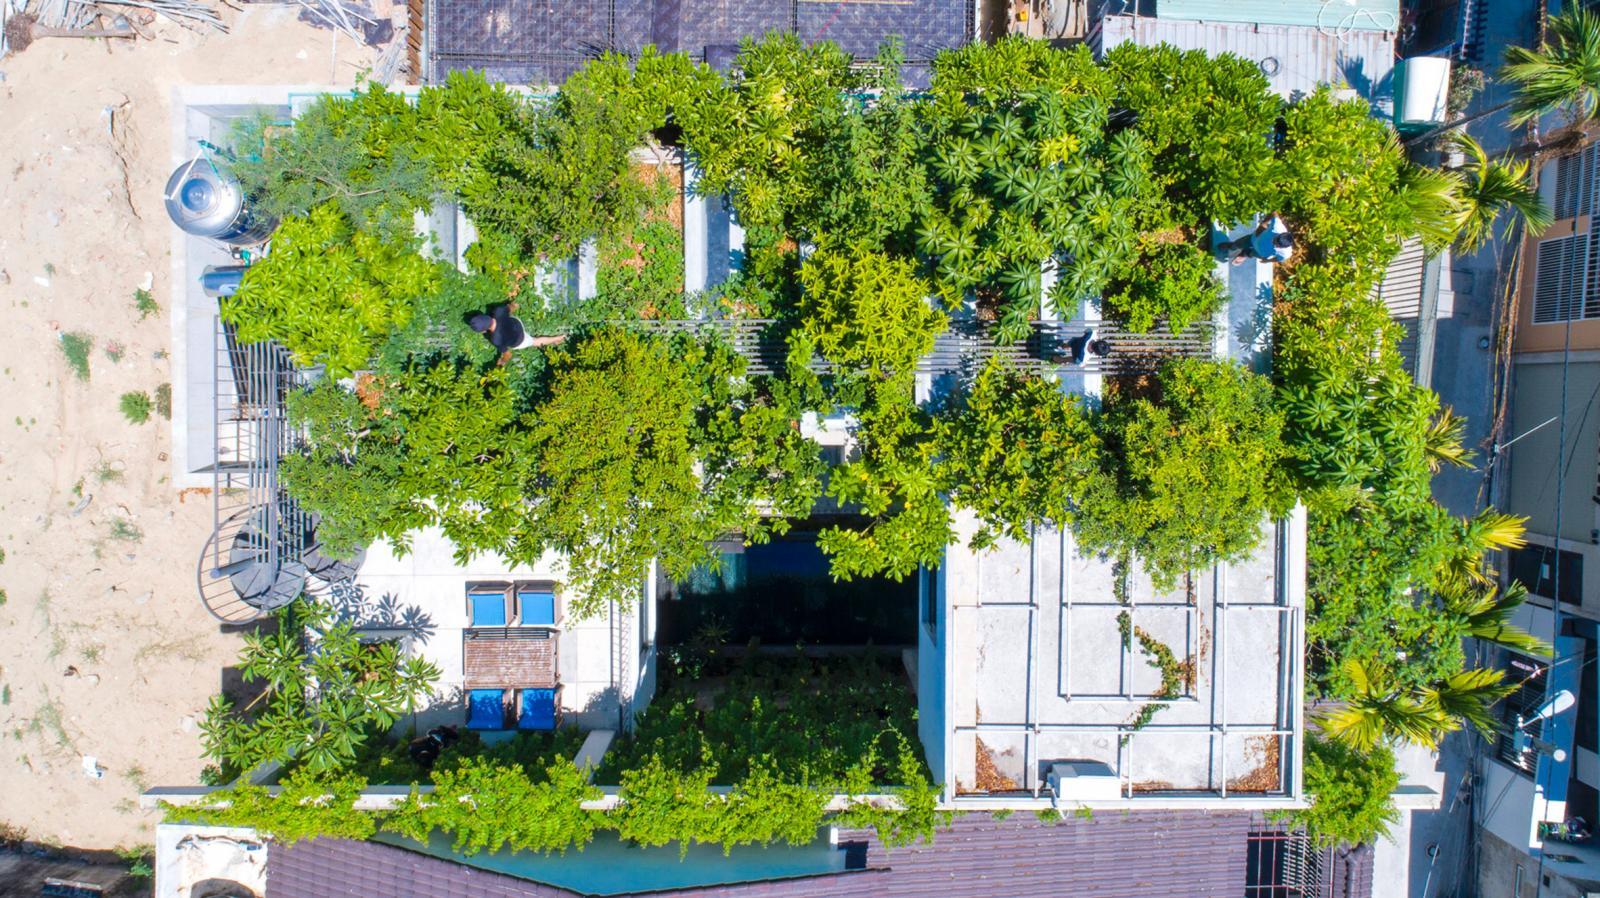 ngôi nhà phủ đầy cây xanh